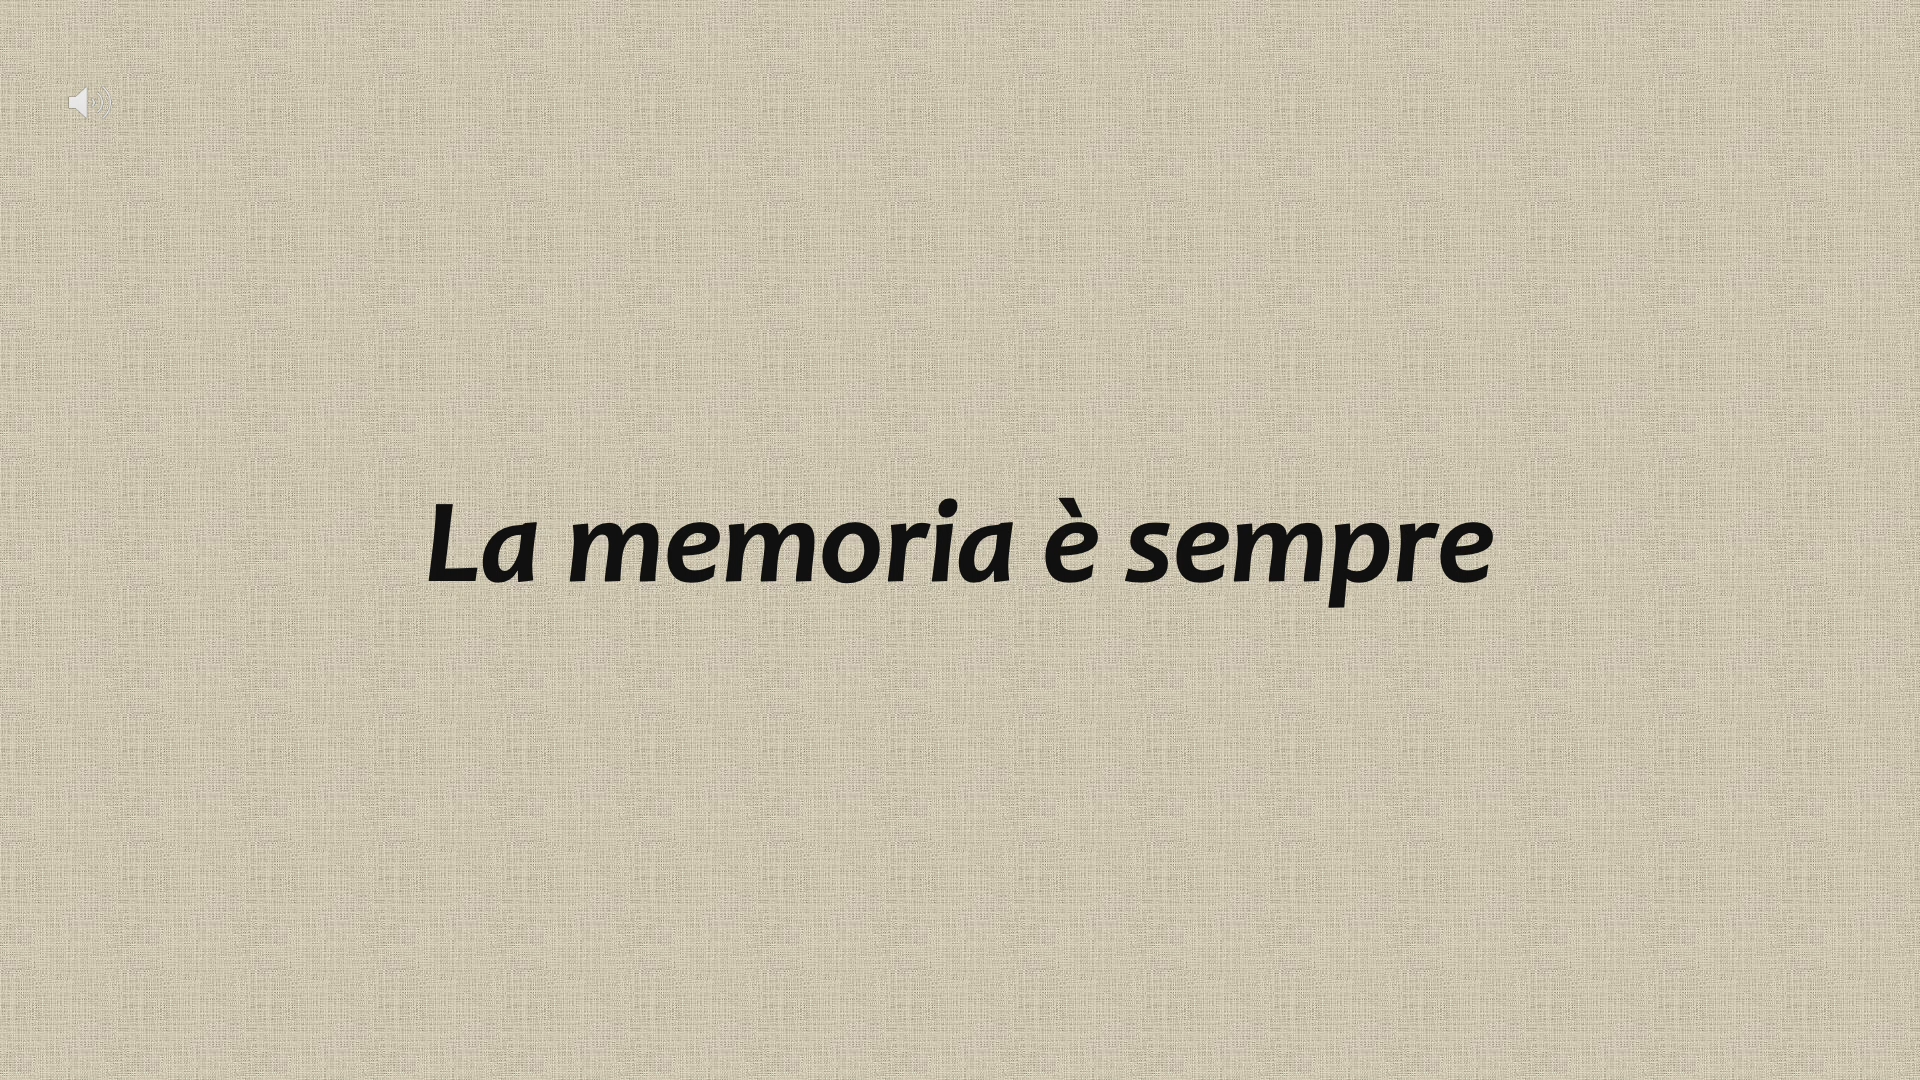 La memoria è sempre: